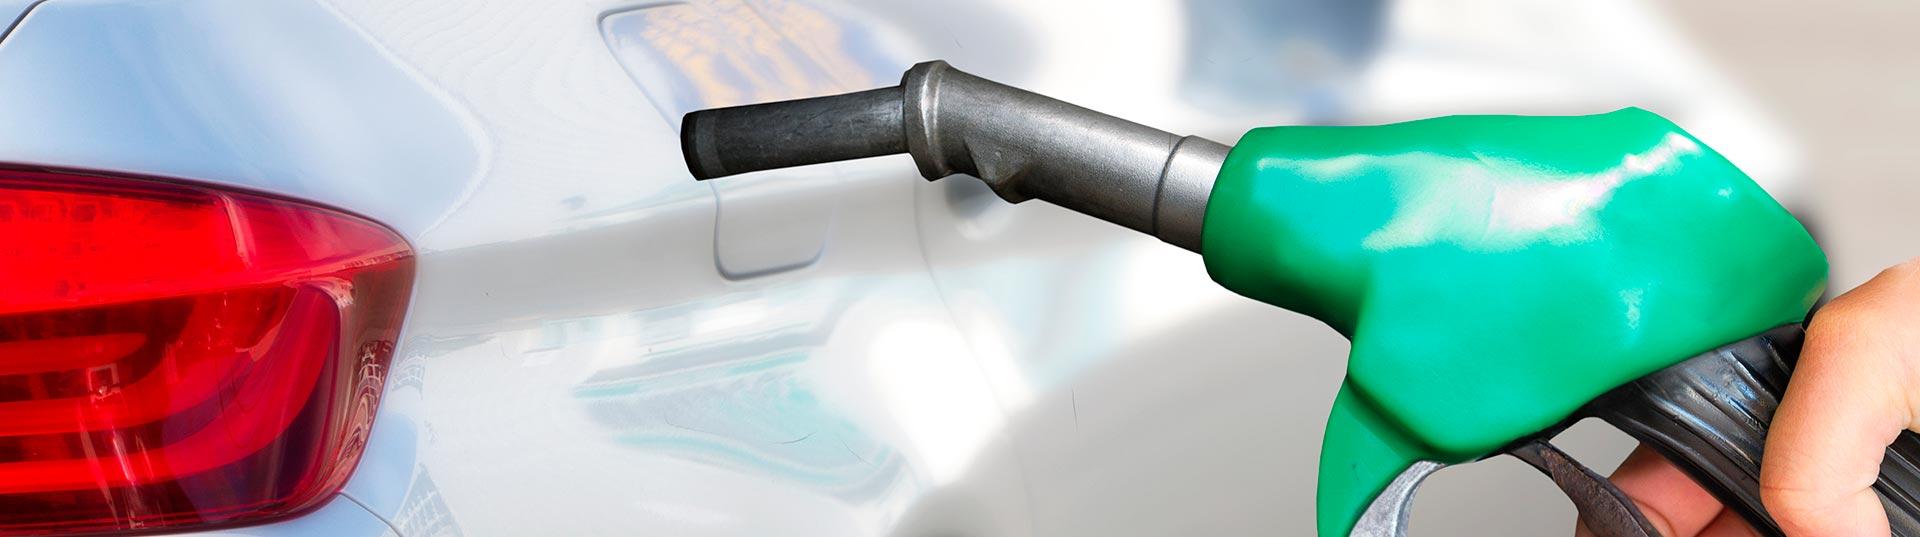 Abastecimento de gasolina